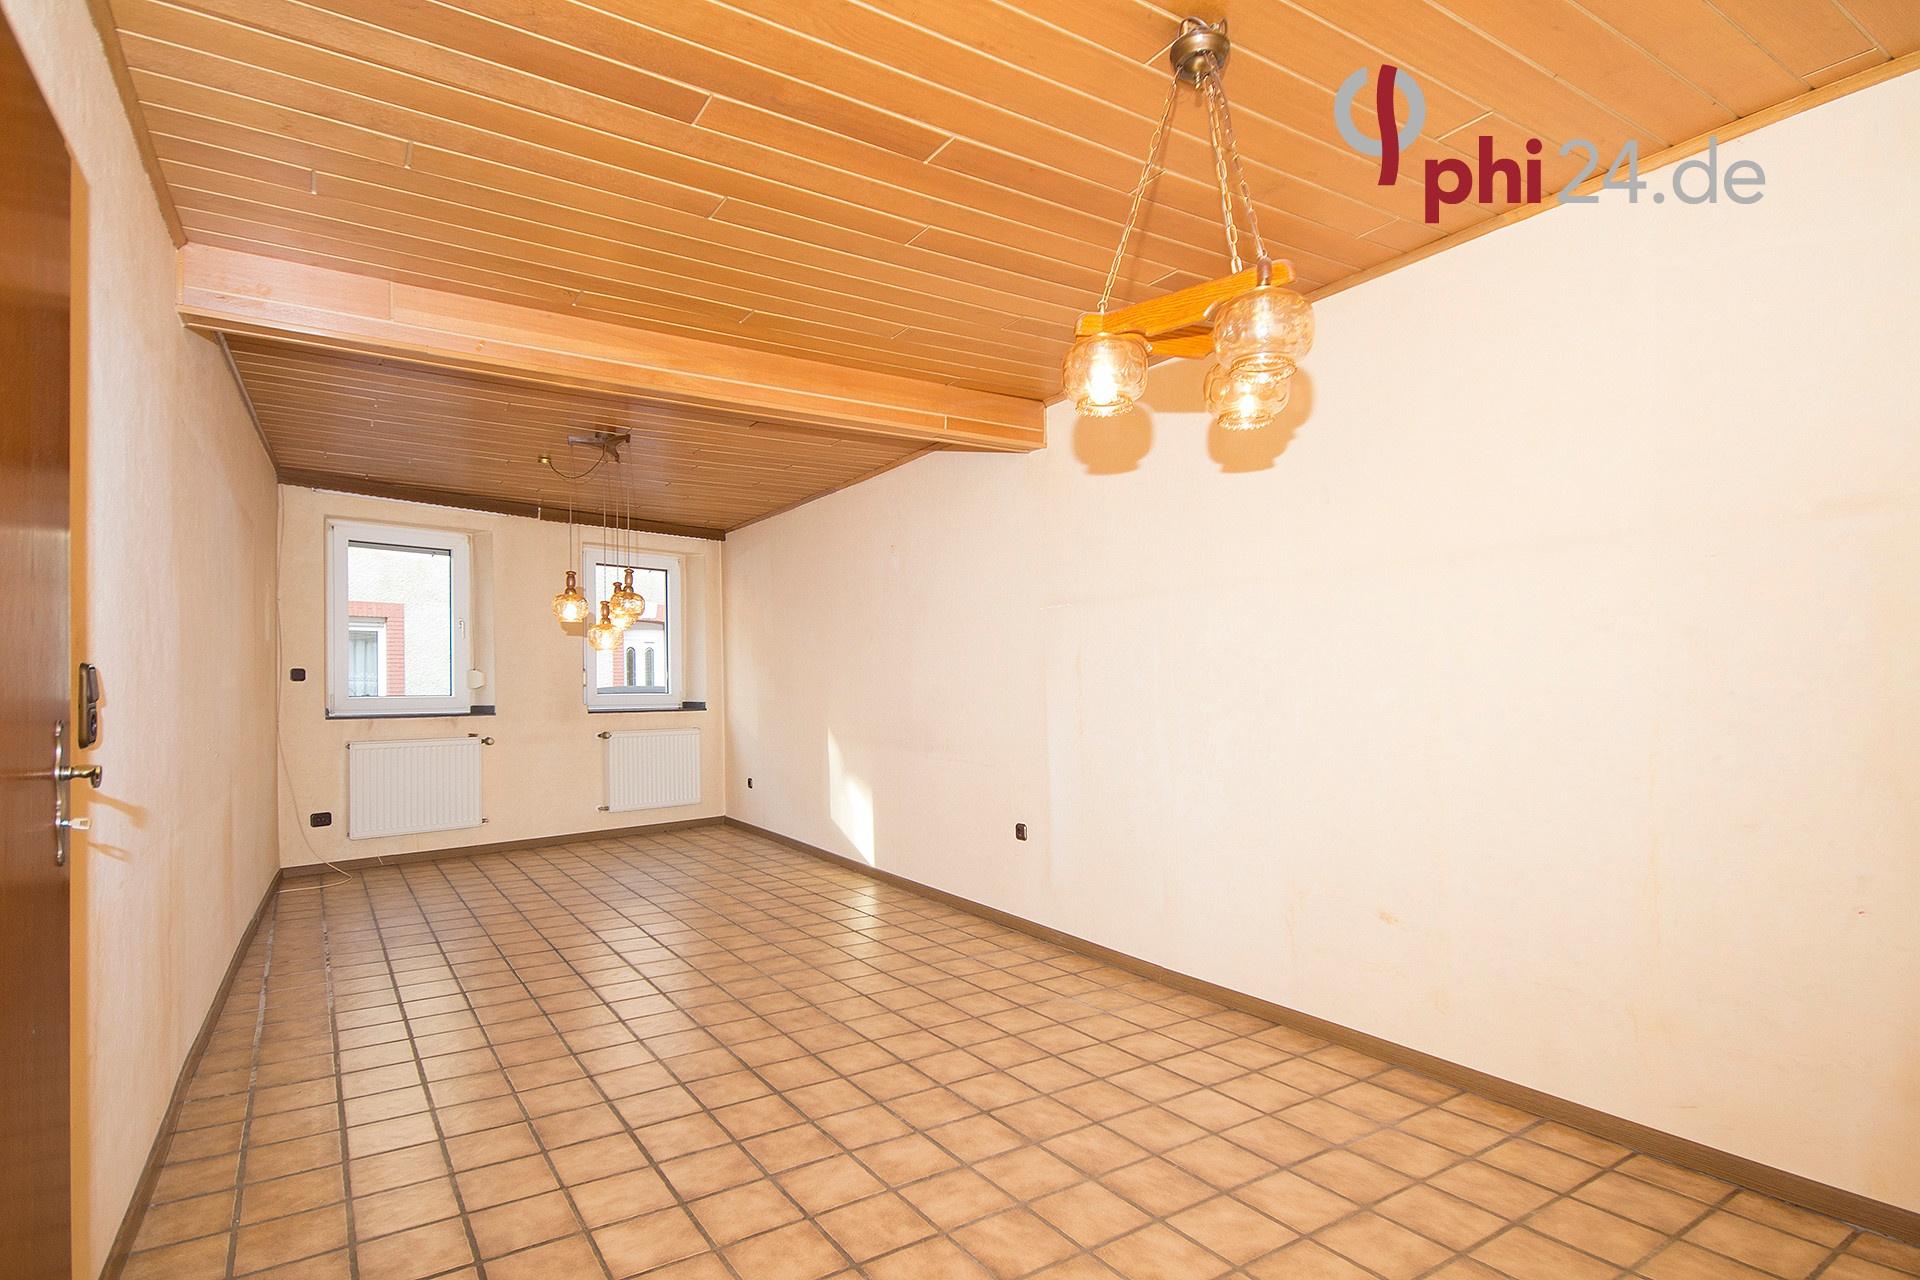 Immobilienmakler Titz Reihenmittelhaus referenzen mit Immobilienbewertung